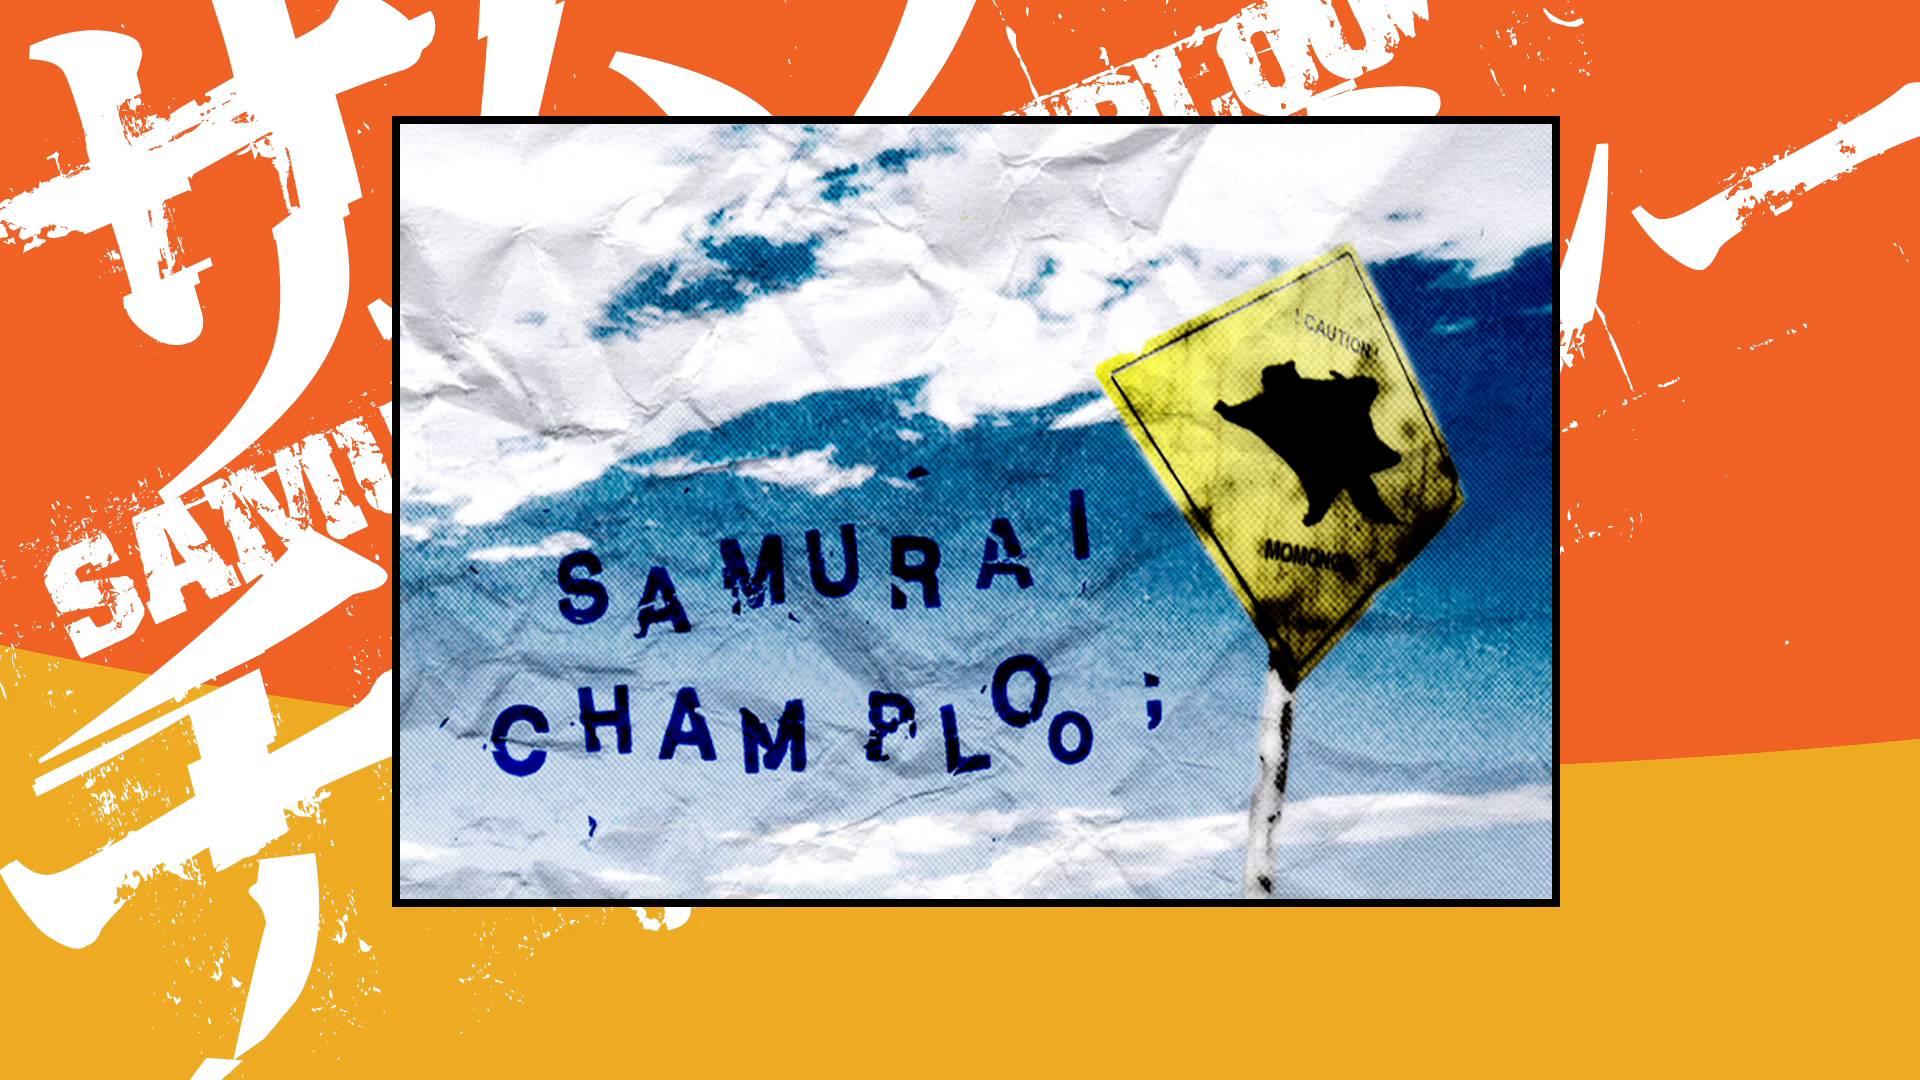 混沌武士Samurai Champloo sound of autumn(个人练习)